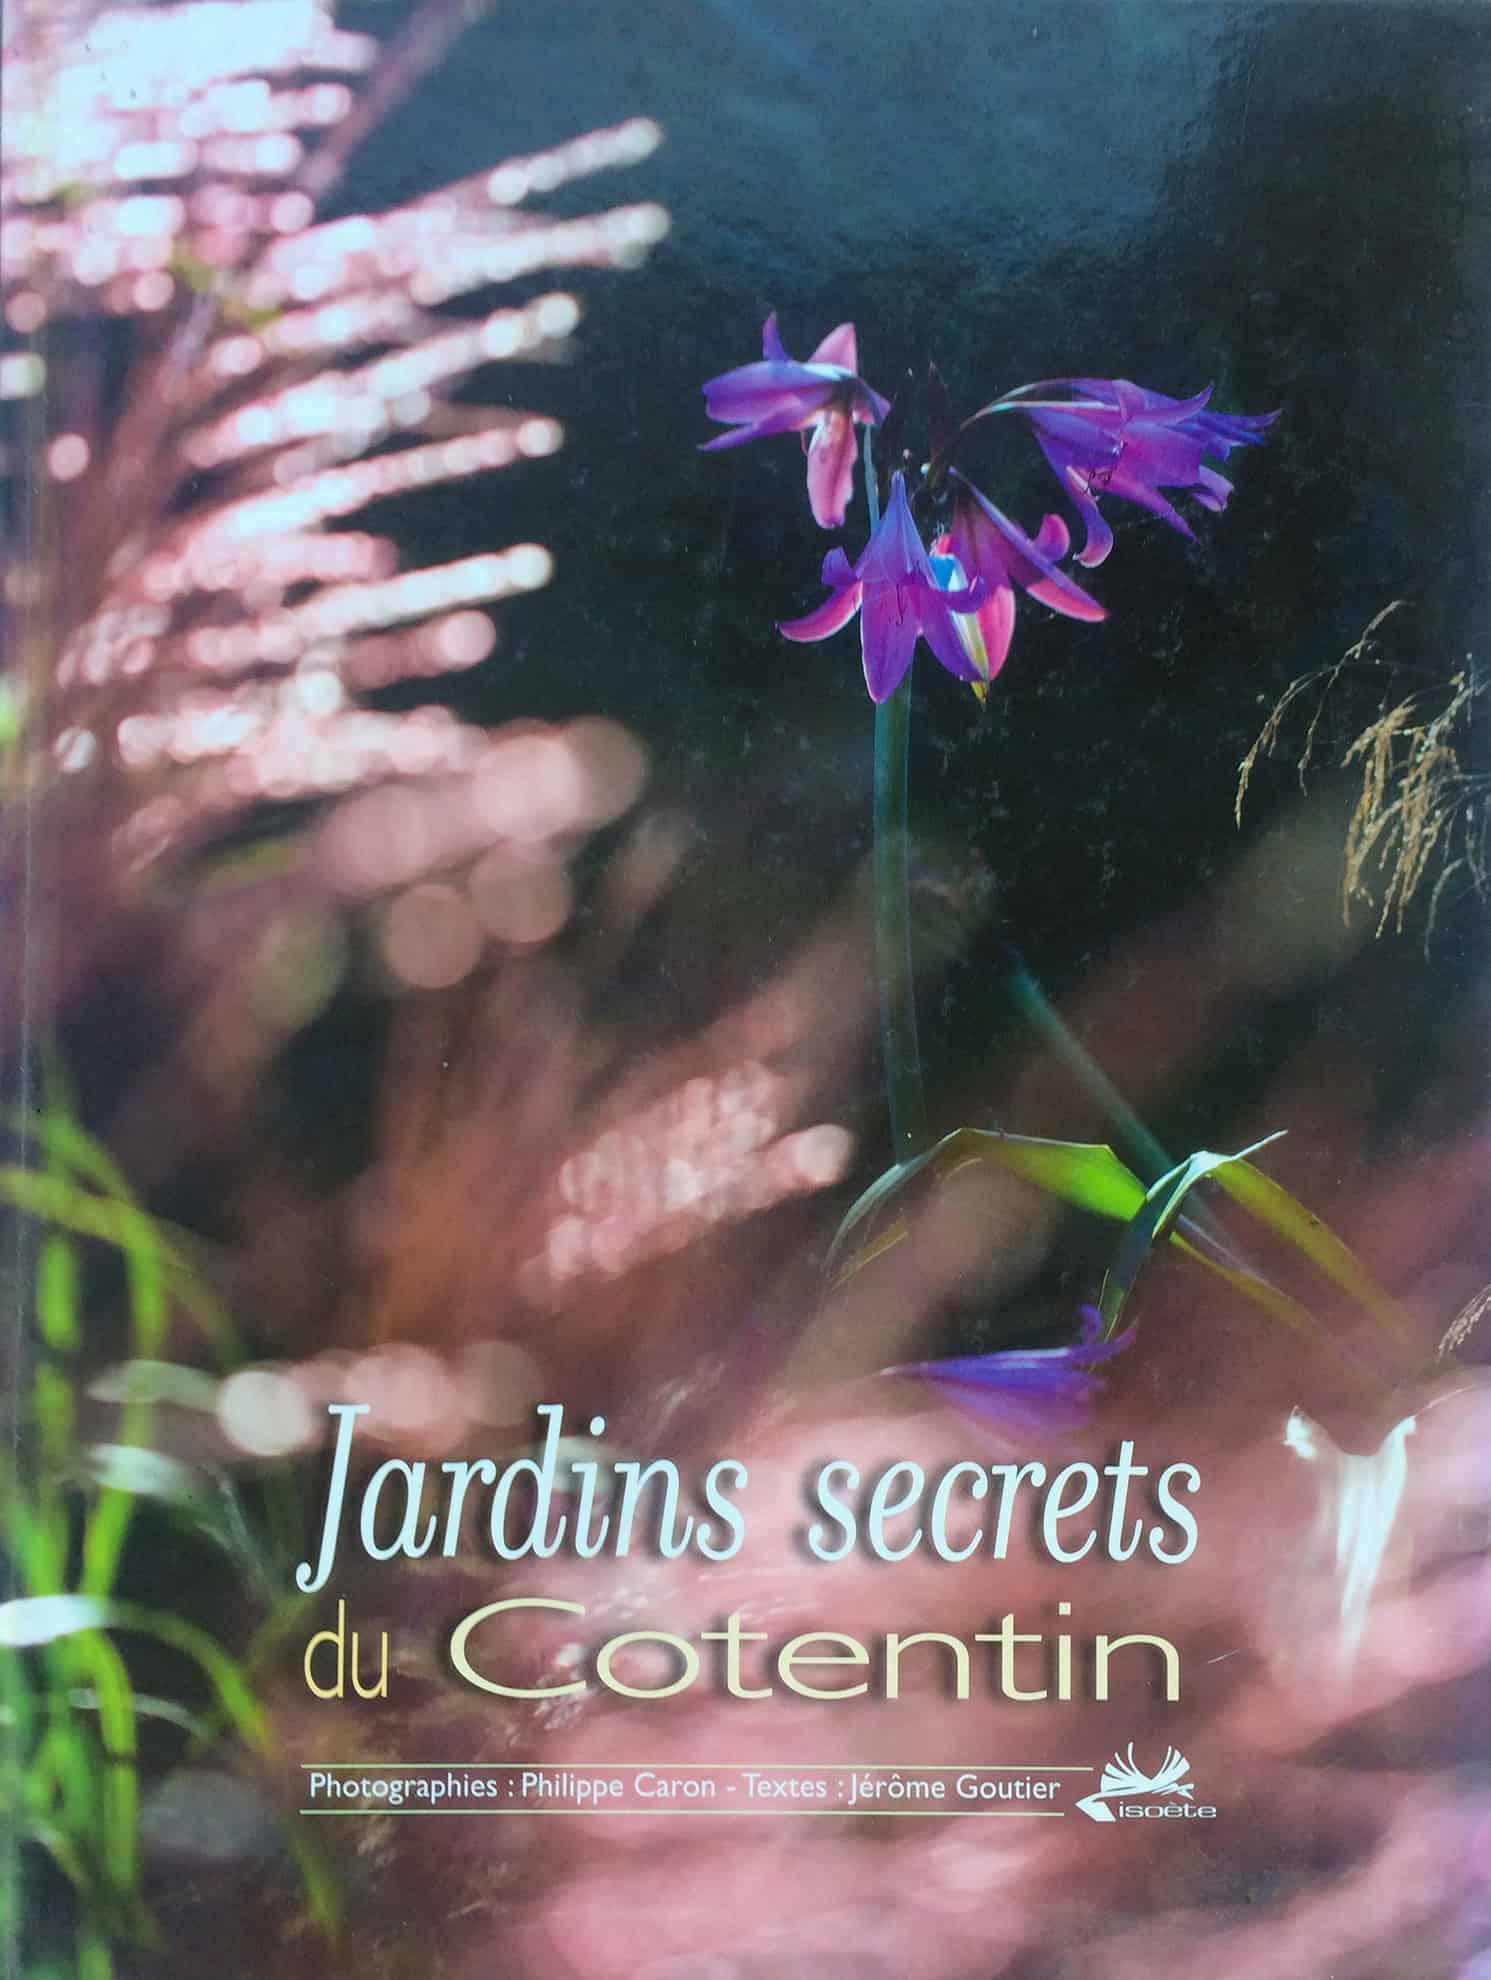 La Blanche Maison - Livre - Jardins secrets du Cotentin